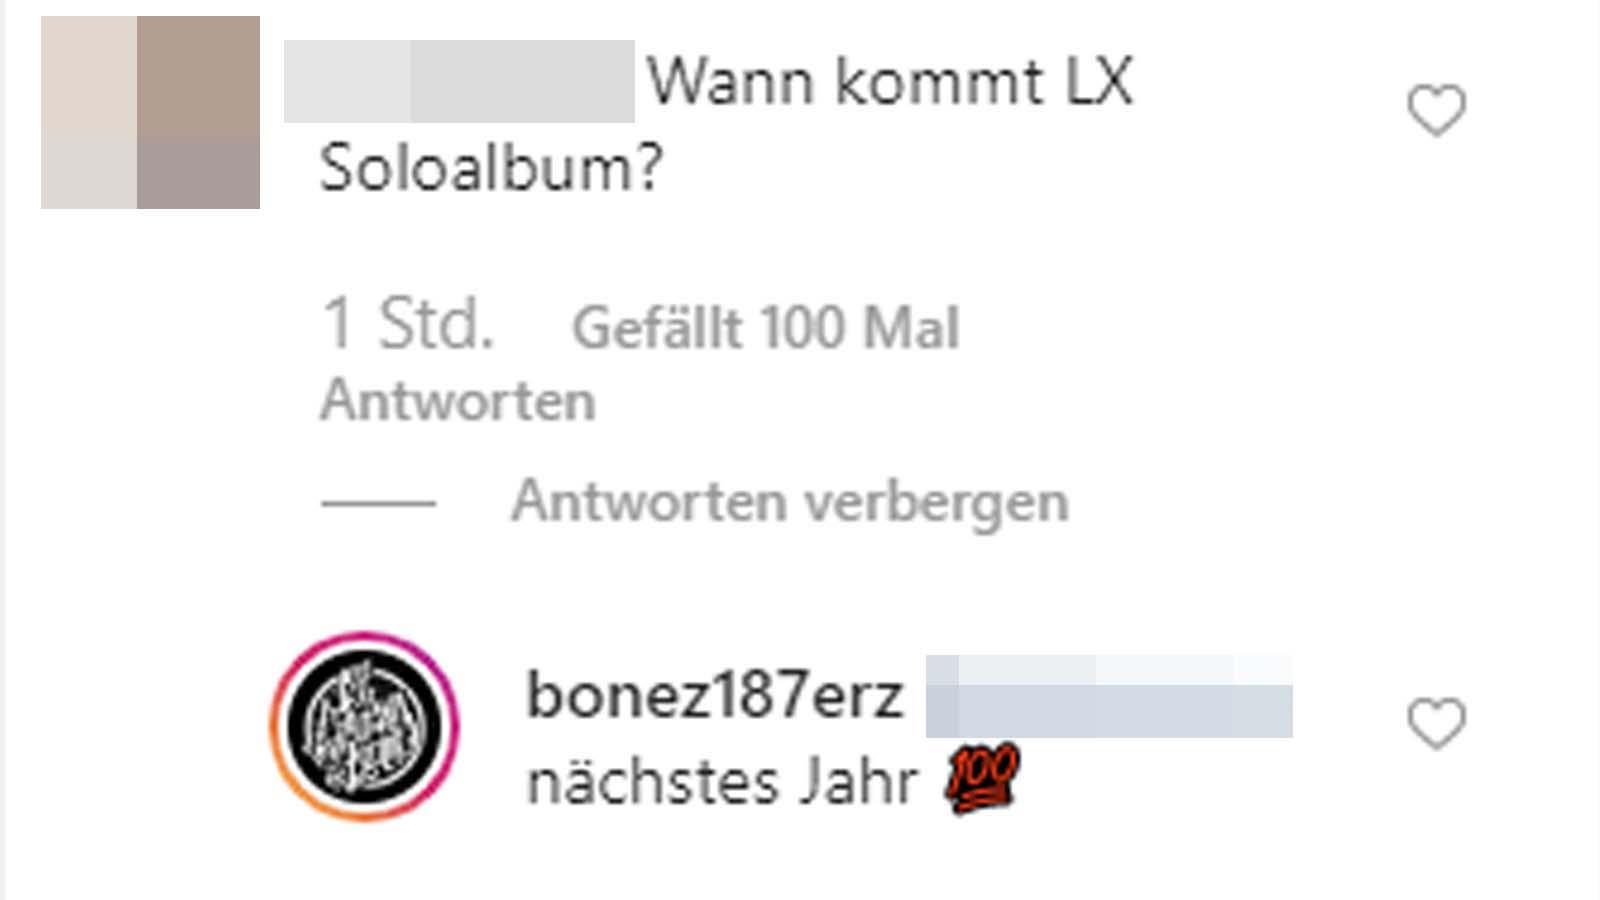 Bonez MC sagt, dass LX 2020 ein Soloalbum releast